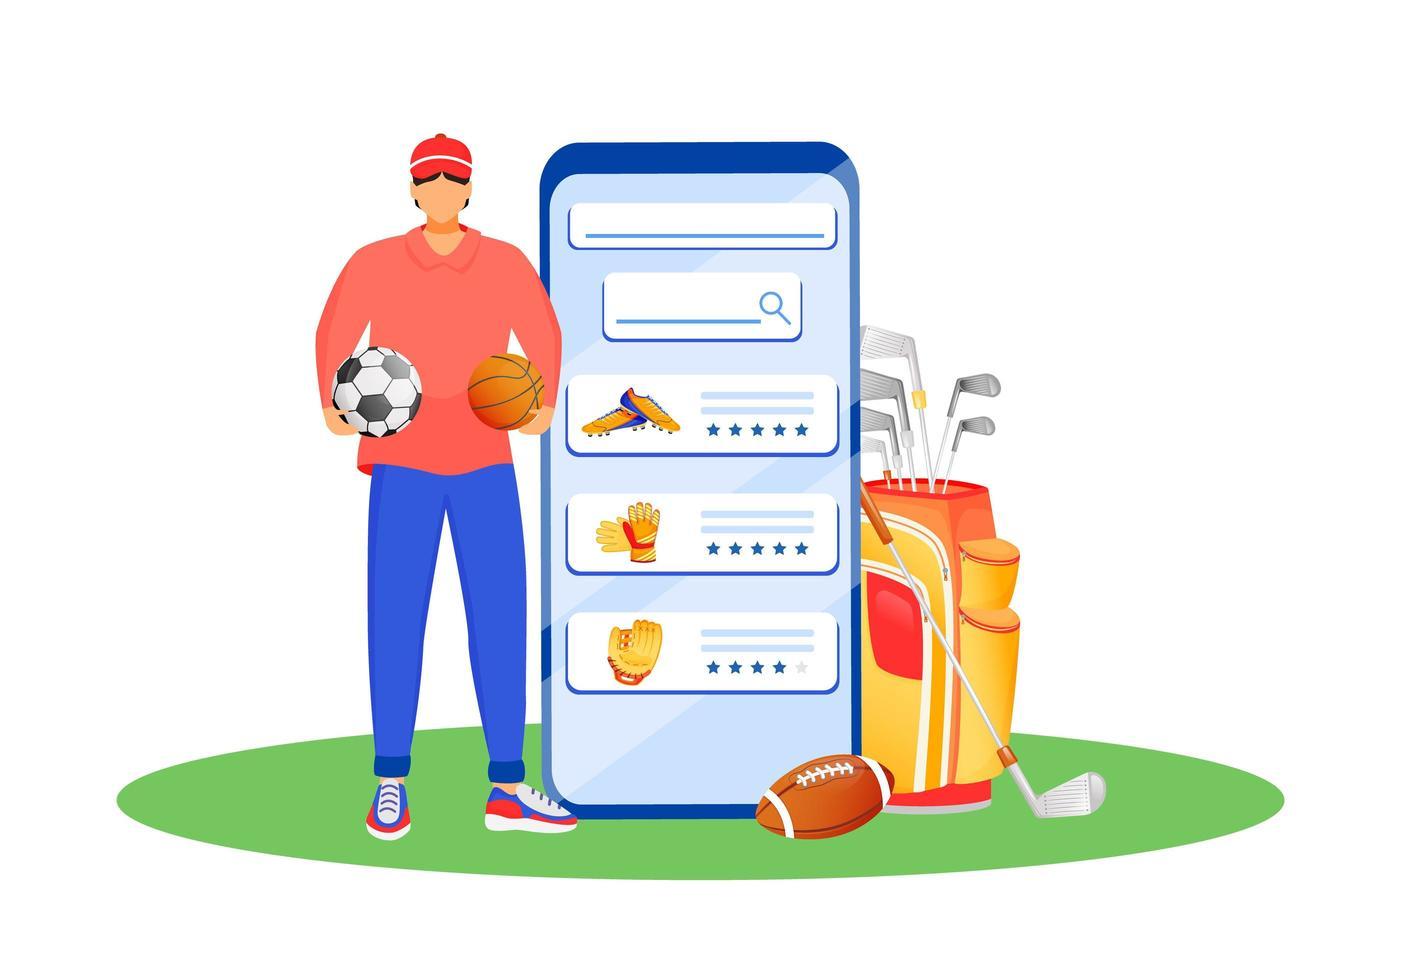 mobilapp för sportkläder vektor